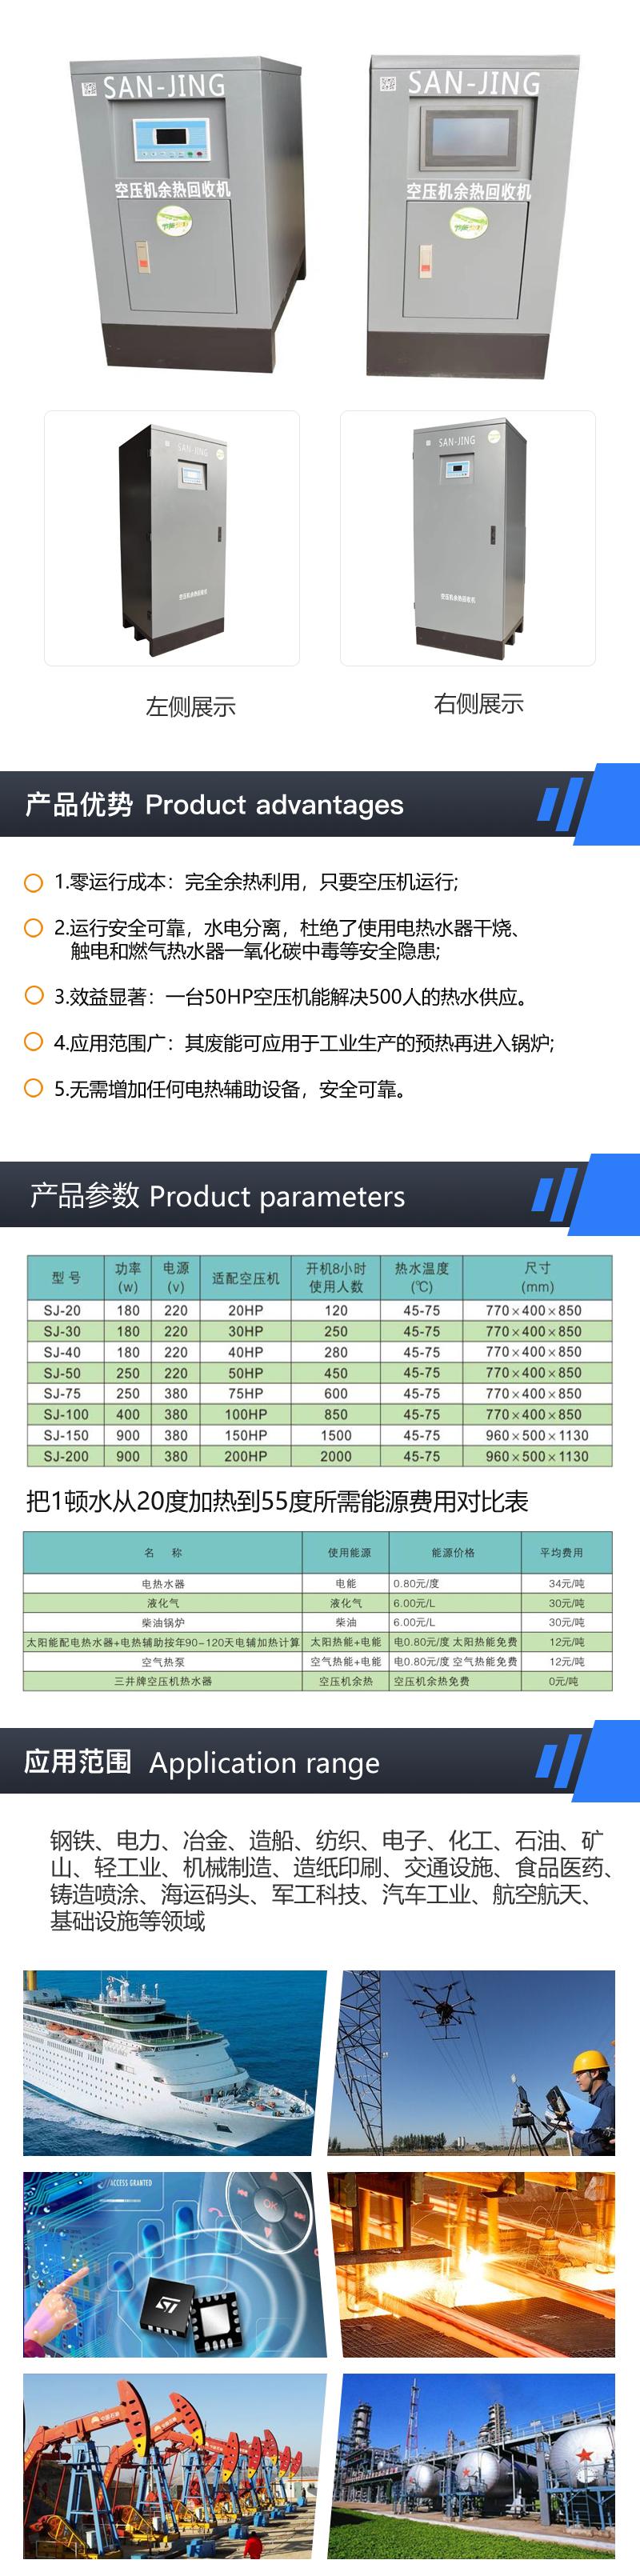 三井空压机余热回收机SJ-75ADY-11.png